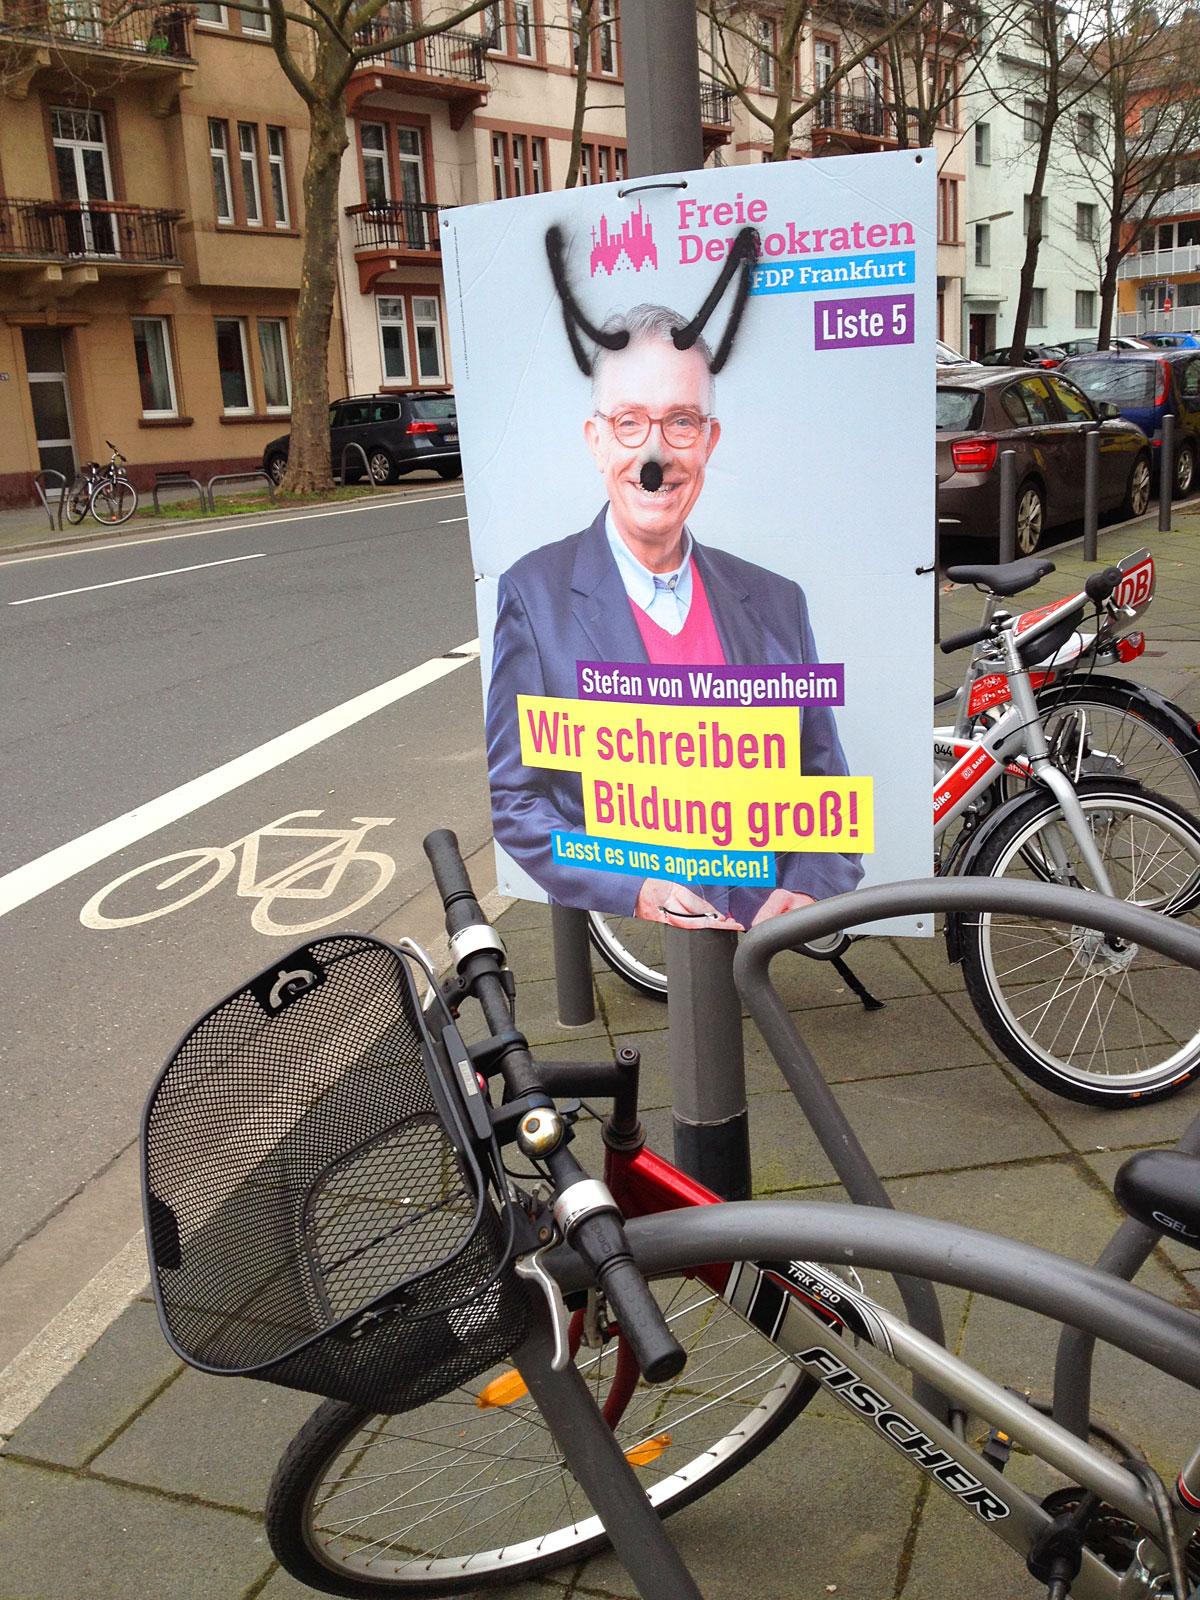 wahlplakate-zur-kommunalwahl-in-frankfurt-2016-fdp-bildung